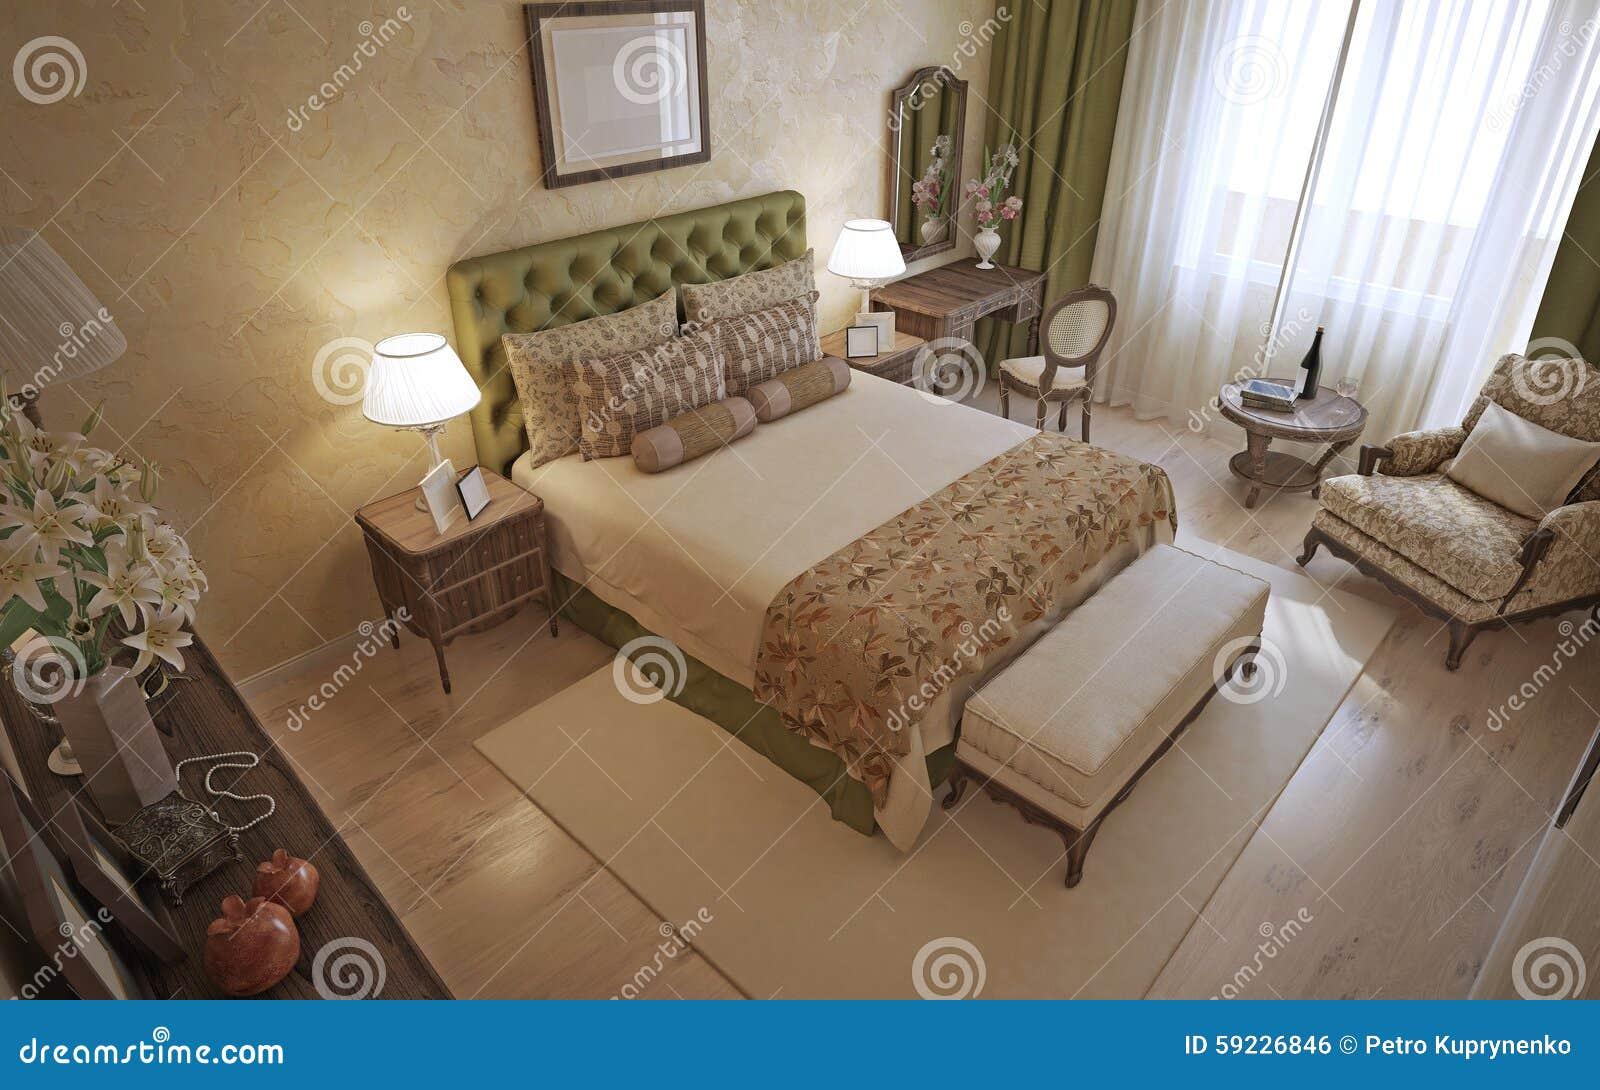 Download Dormitorio Inglés Tradicional Stock de ilustración - Ilustración de cabecera, elegante: 59226846